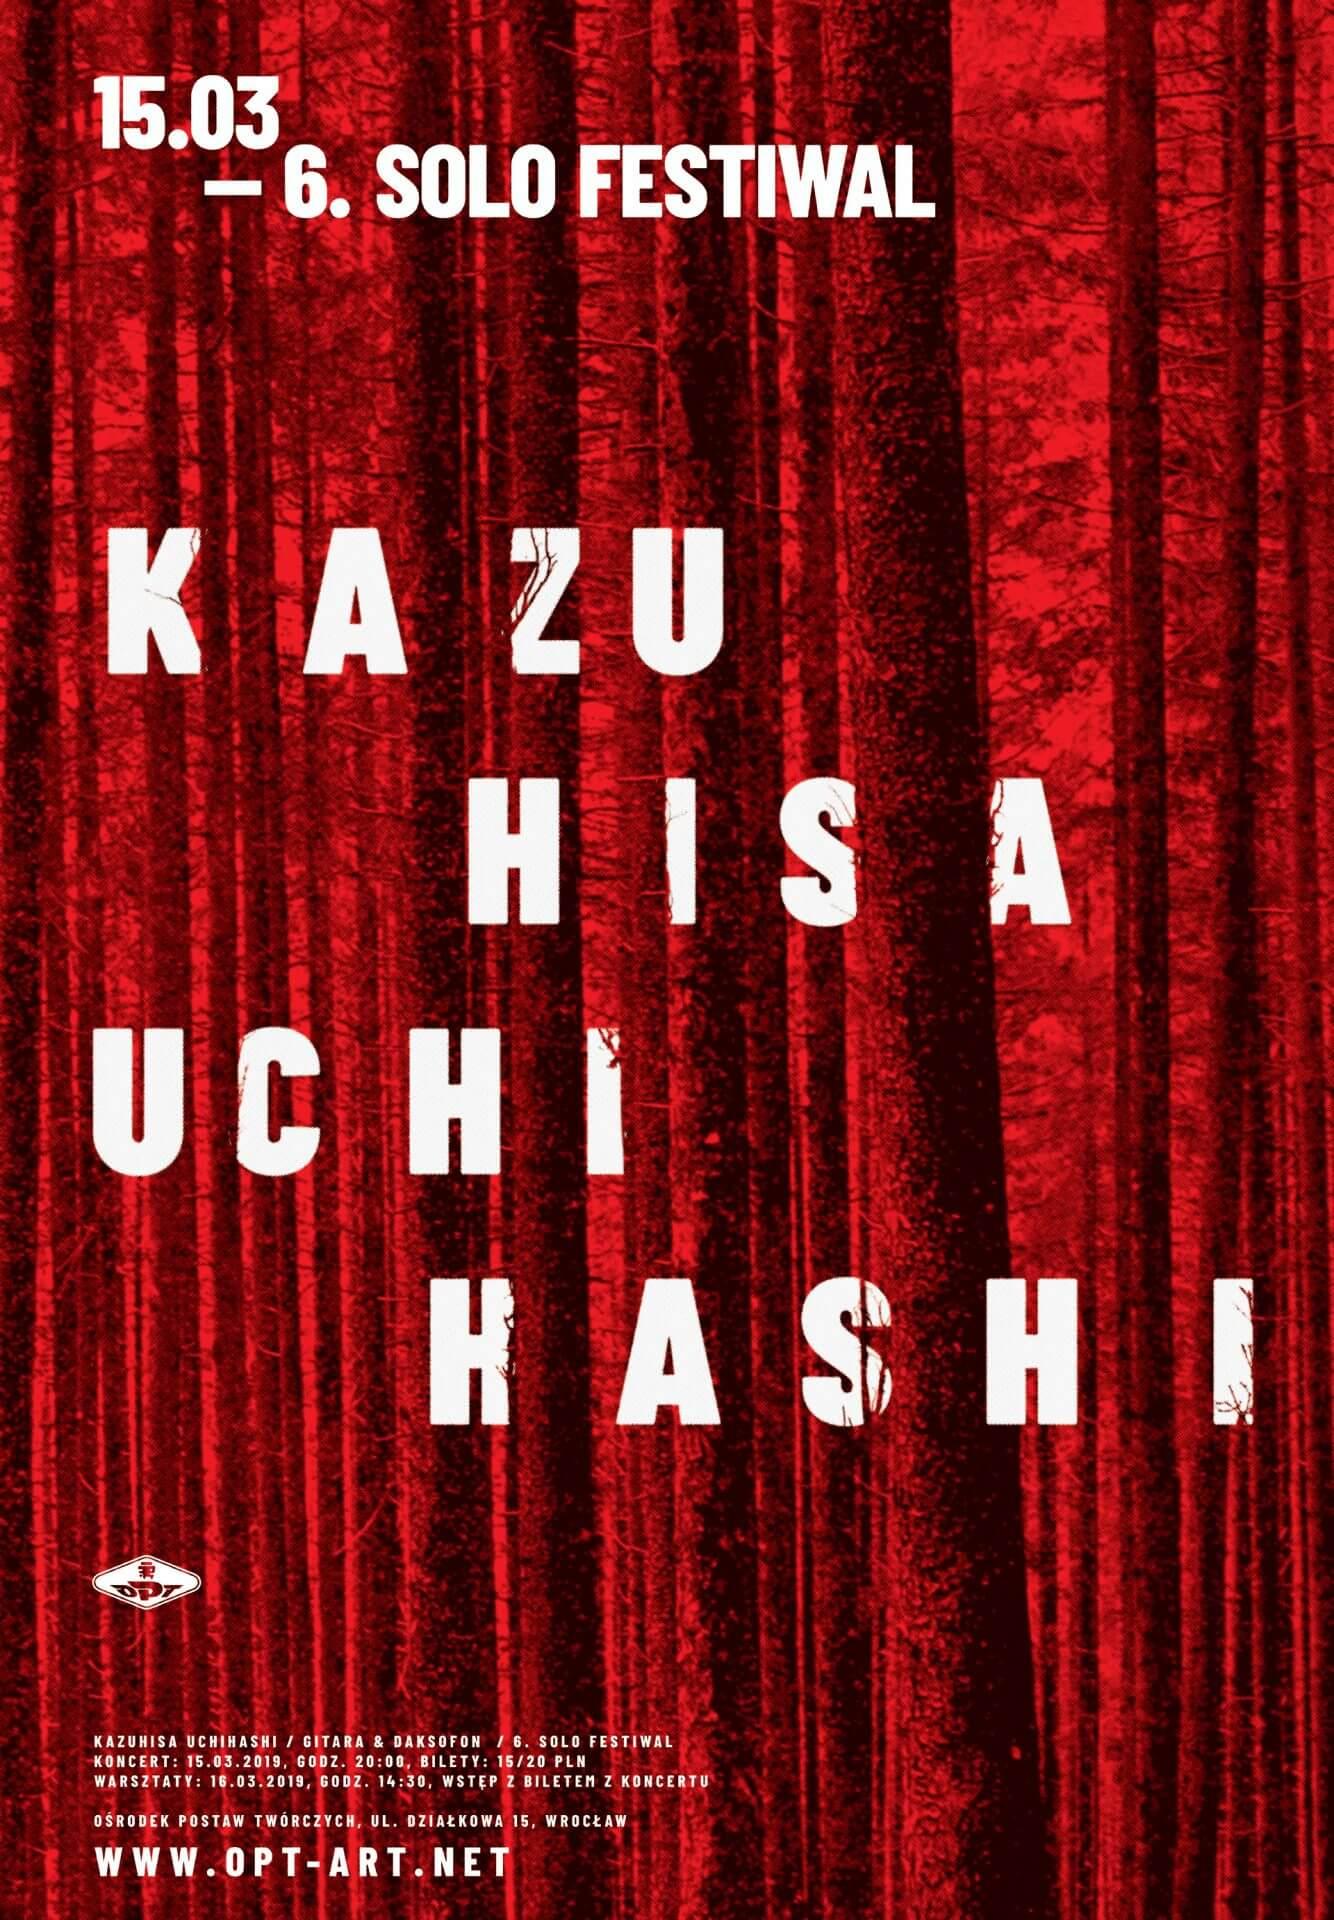 Kazuhisa Uchihashi – koncert iwarsztaty Solo Festiwal (15-16.03)